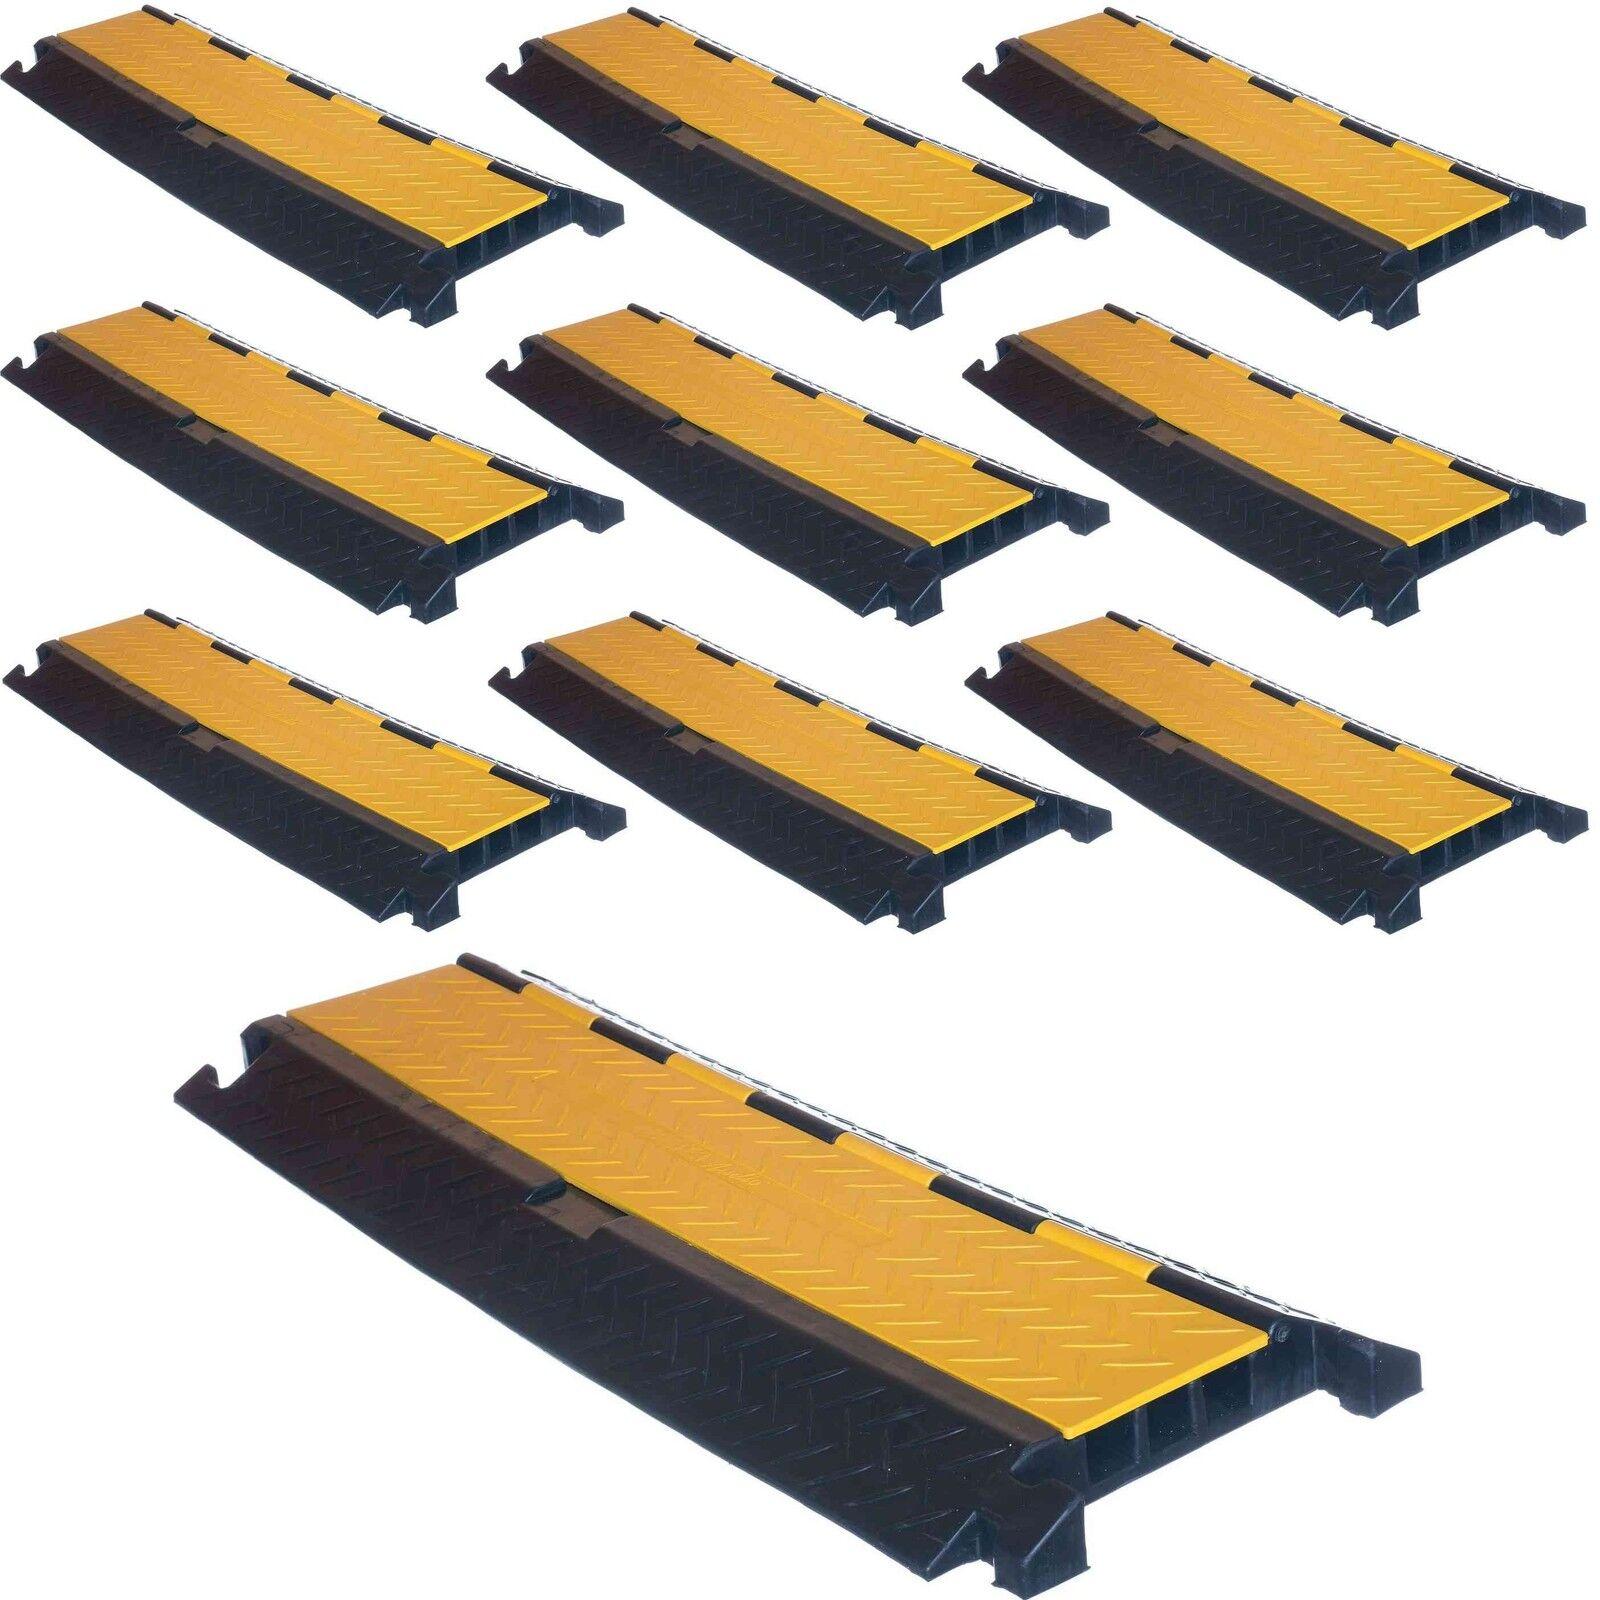 10 pezzi 3 canali Professionale Cavo Ponte Cavo tubo di protezione di guida canale rampa